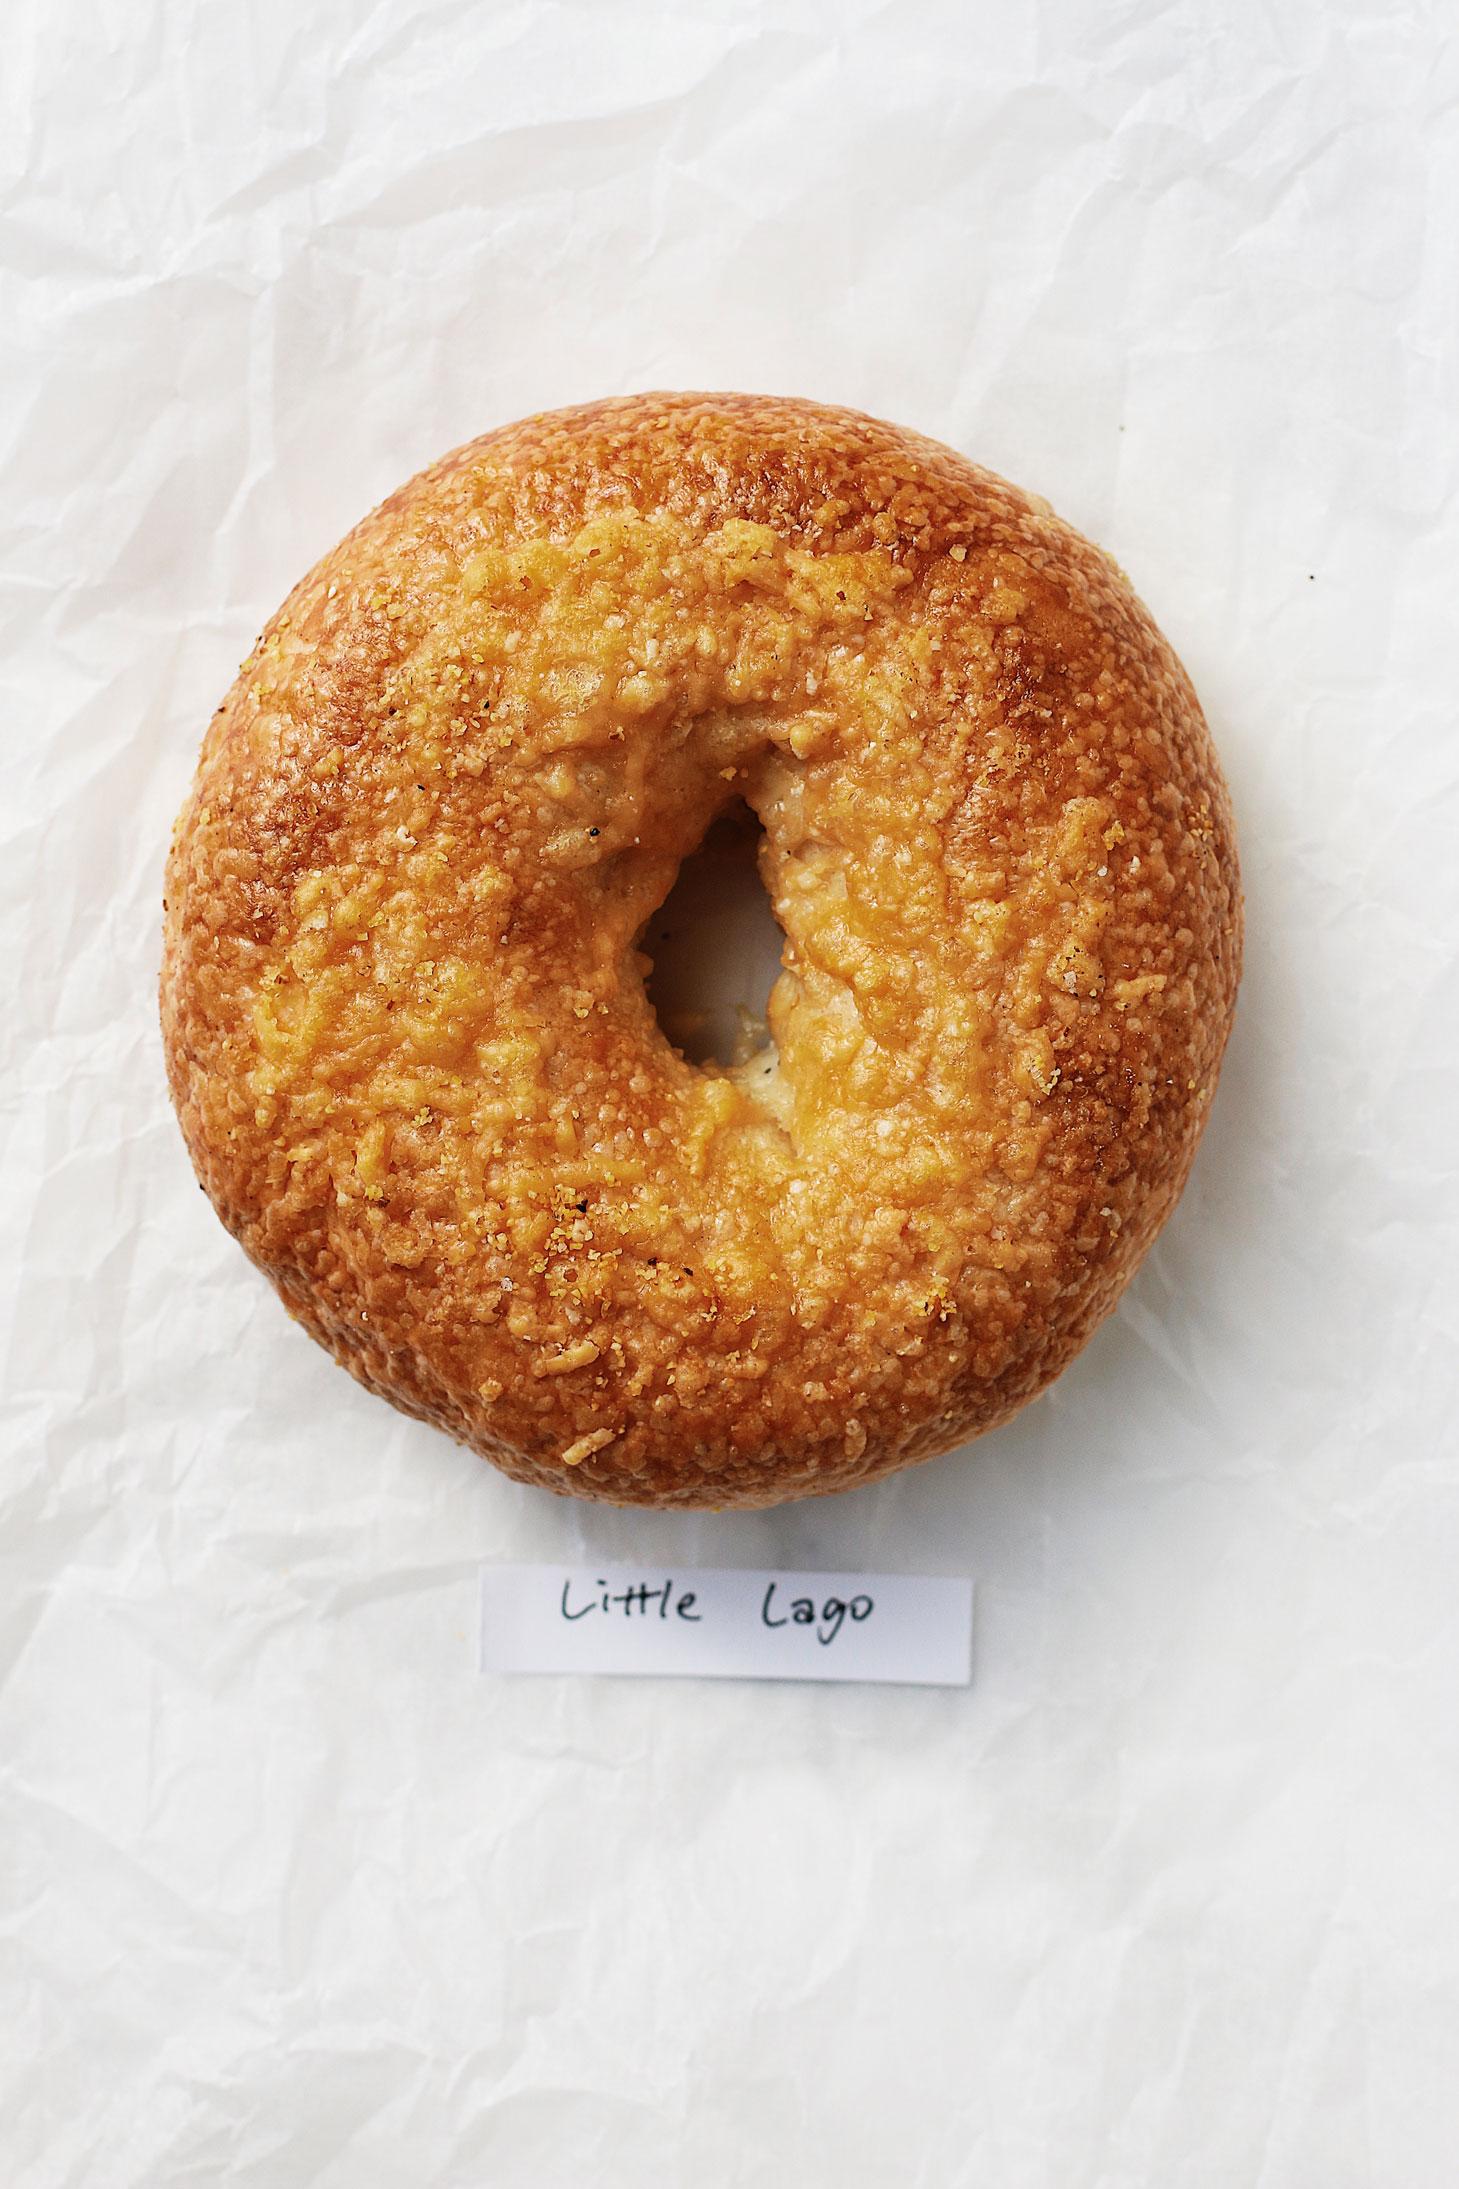 best-bagel-in-seattle-great-bagel-off-little-lago-cheese